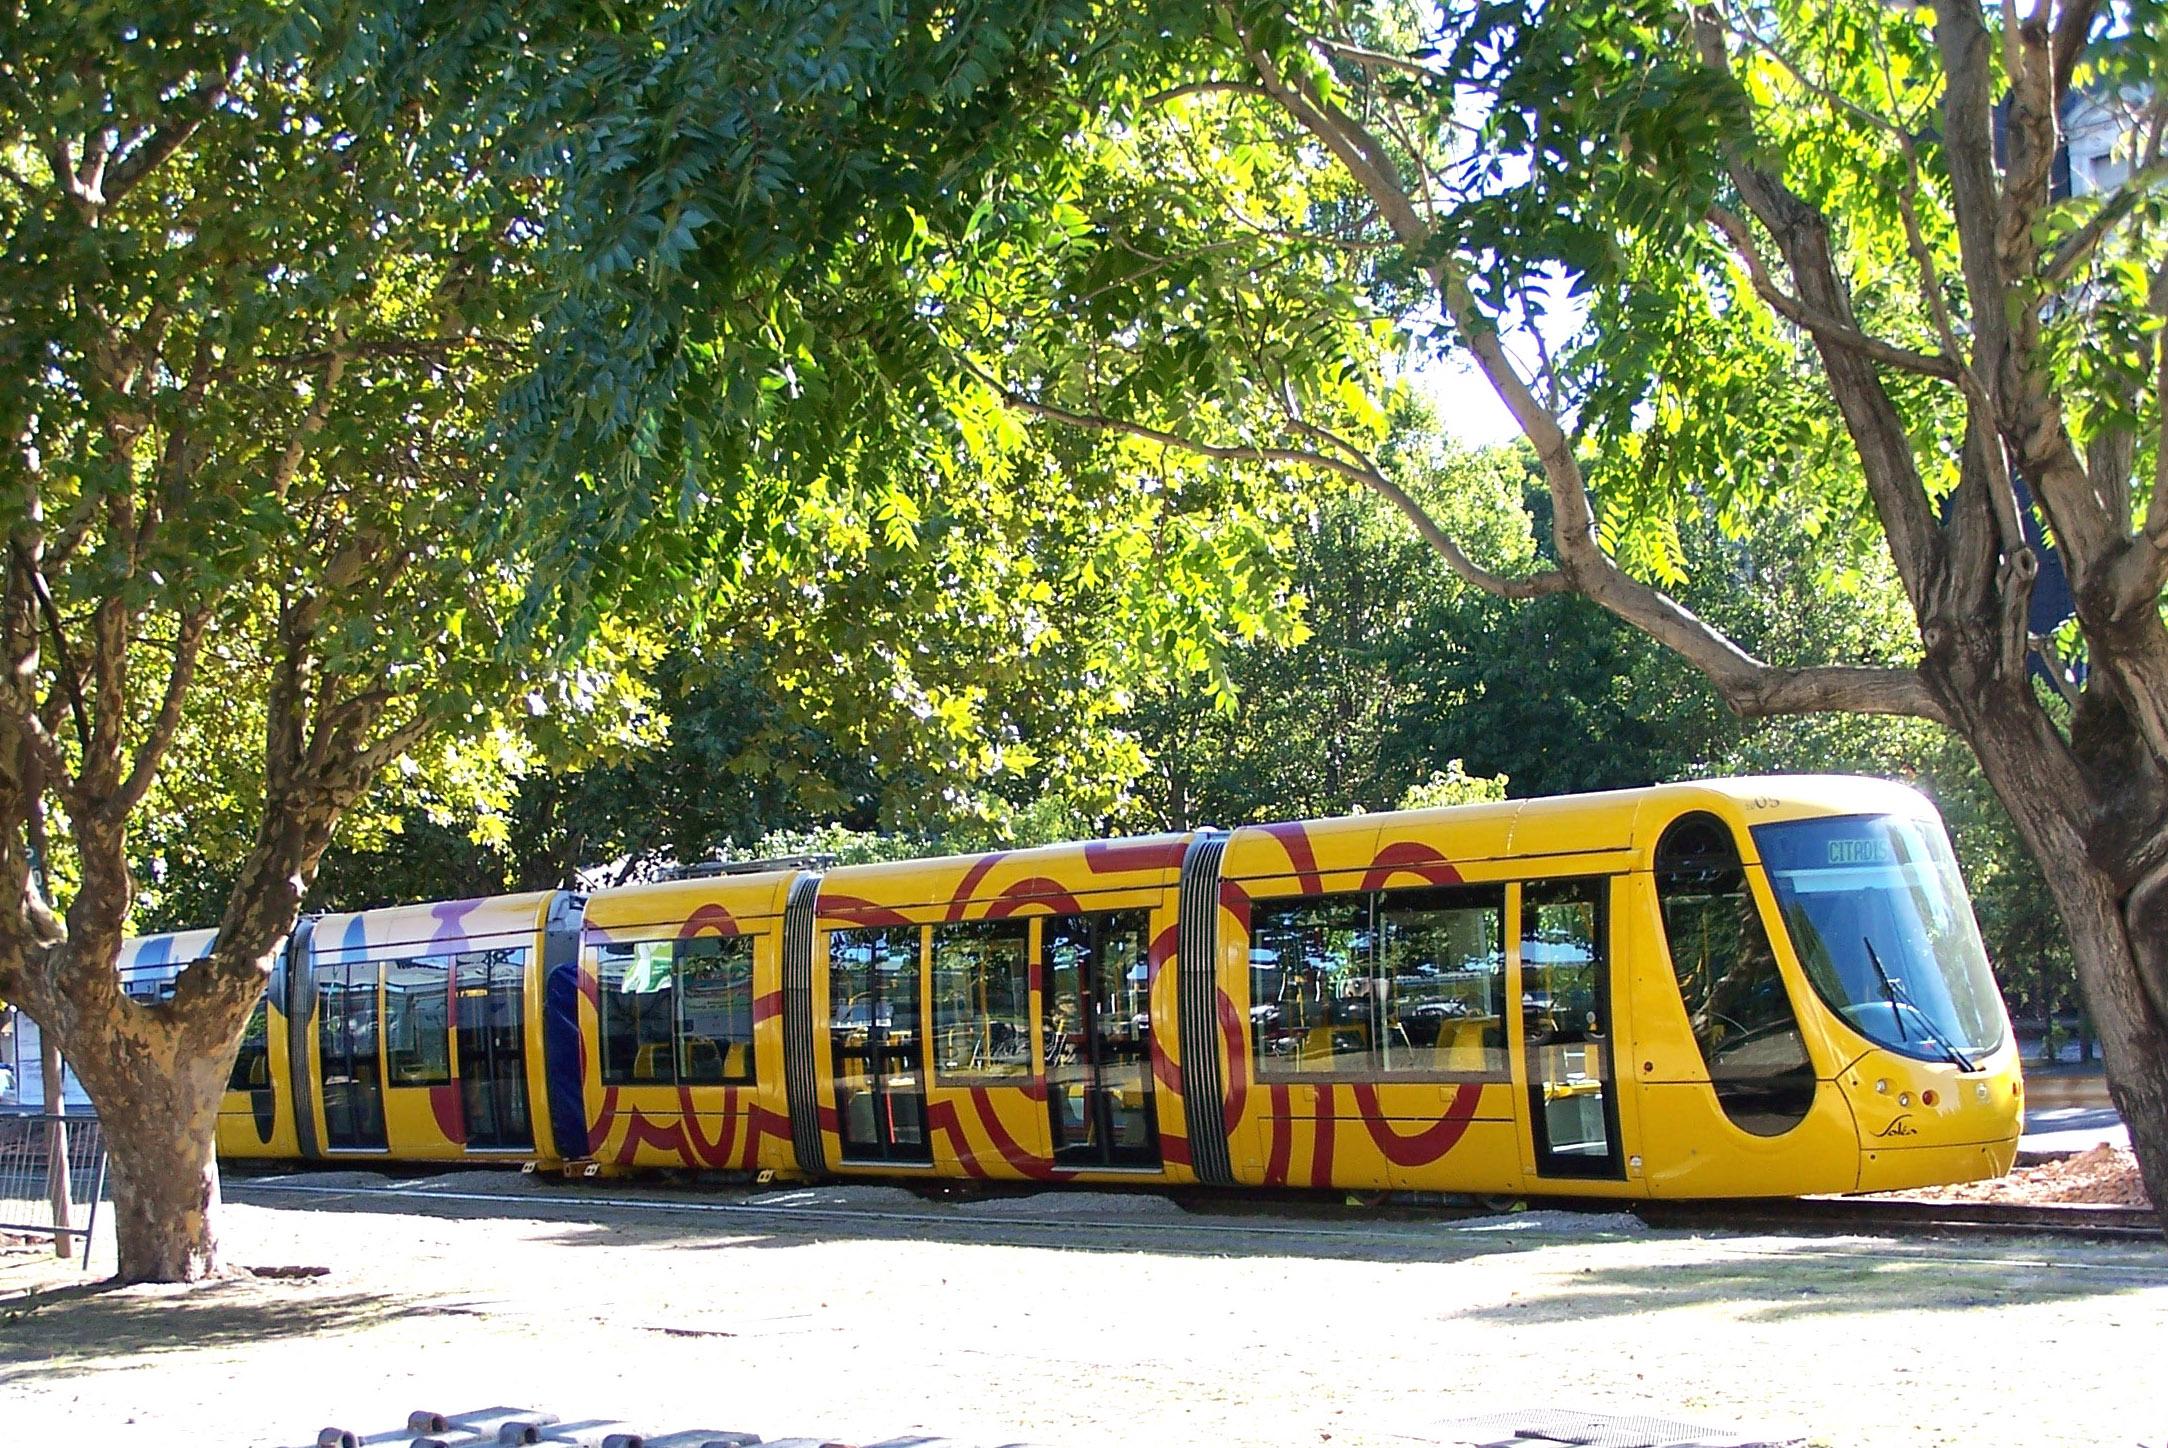 Přibližně první rok provozu byly na nové tramvajové trati u čtvrti Puerto Madero provozovány dvětramvaje Alstom Citadis zapůjčené z Mulhouse. Poté je vystřídala v rámci sjednaného pronájmu dvě podobná vozidla z Madridu a jedno z nich nakonec v Buenos Aires zůstalo, když bylo odkoupeno za cca 5 mil. eur. (foto:Aquilino González Podestá)